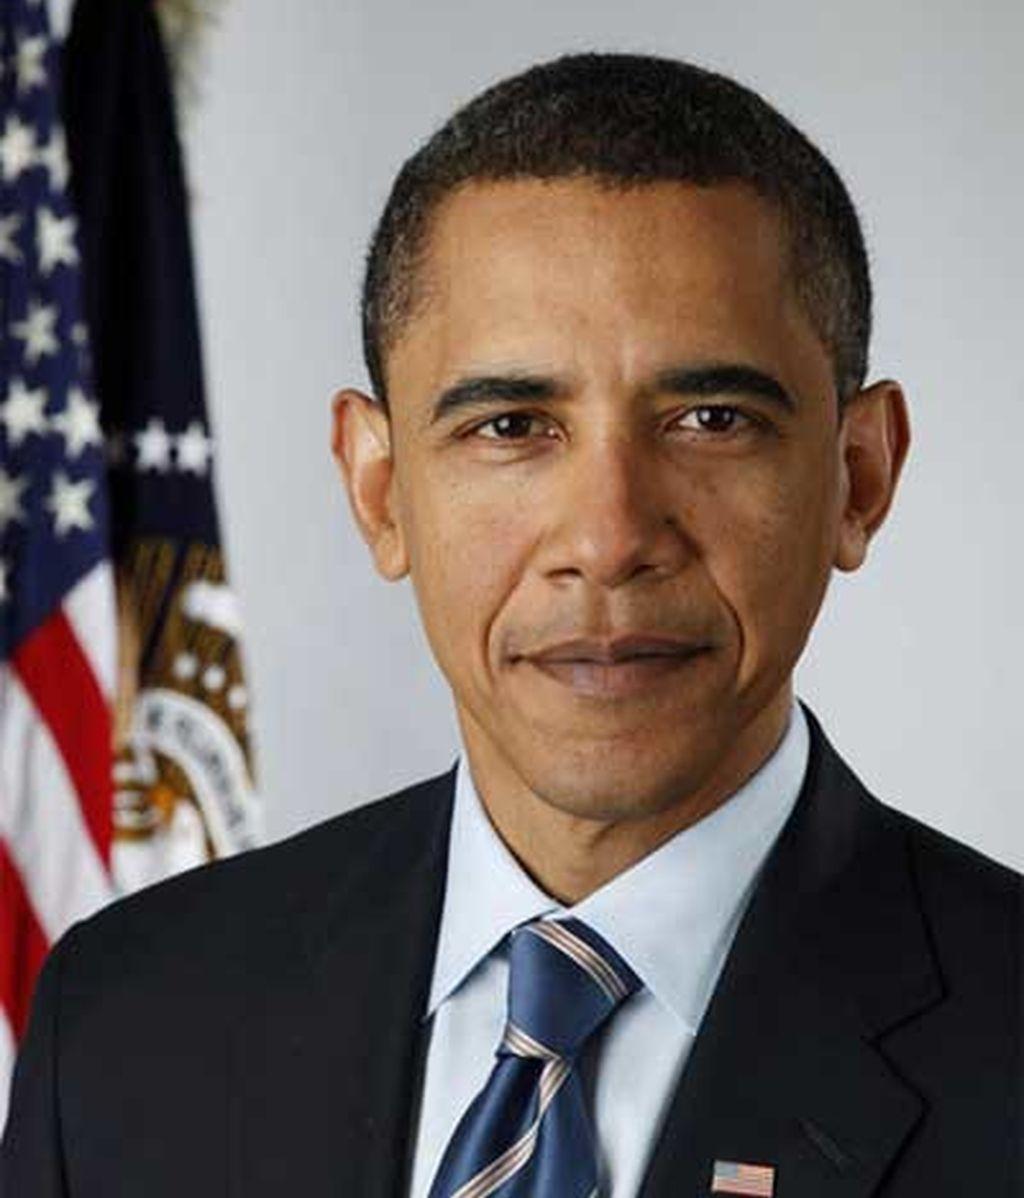 Foto oficial de Obama